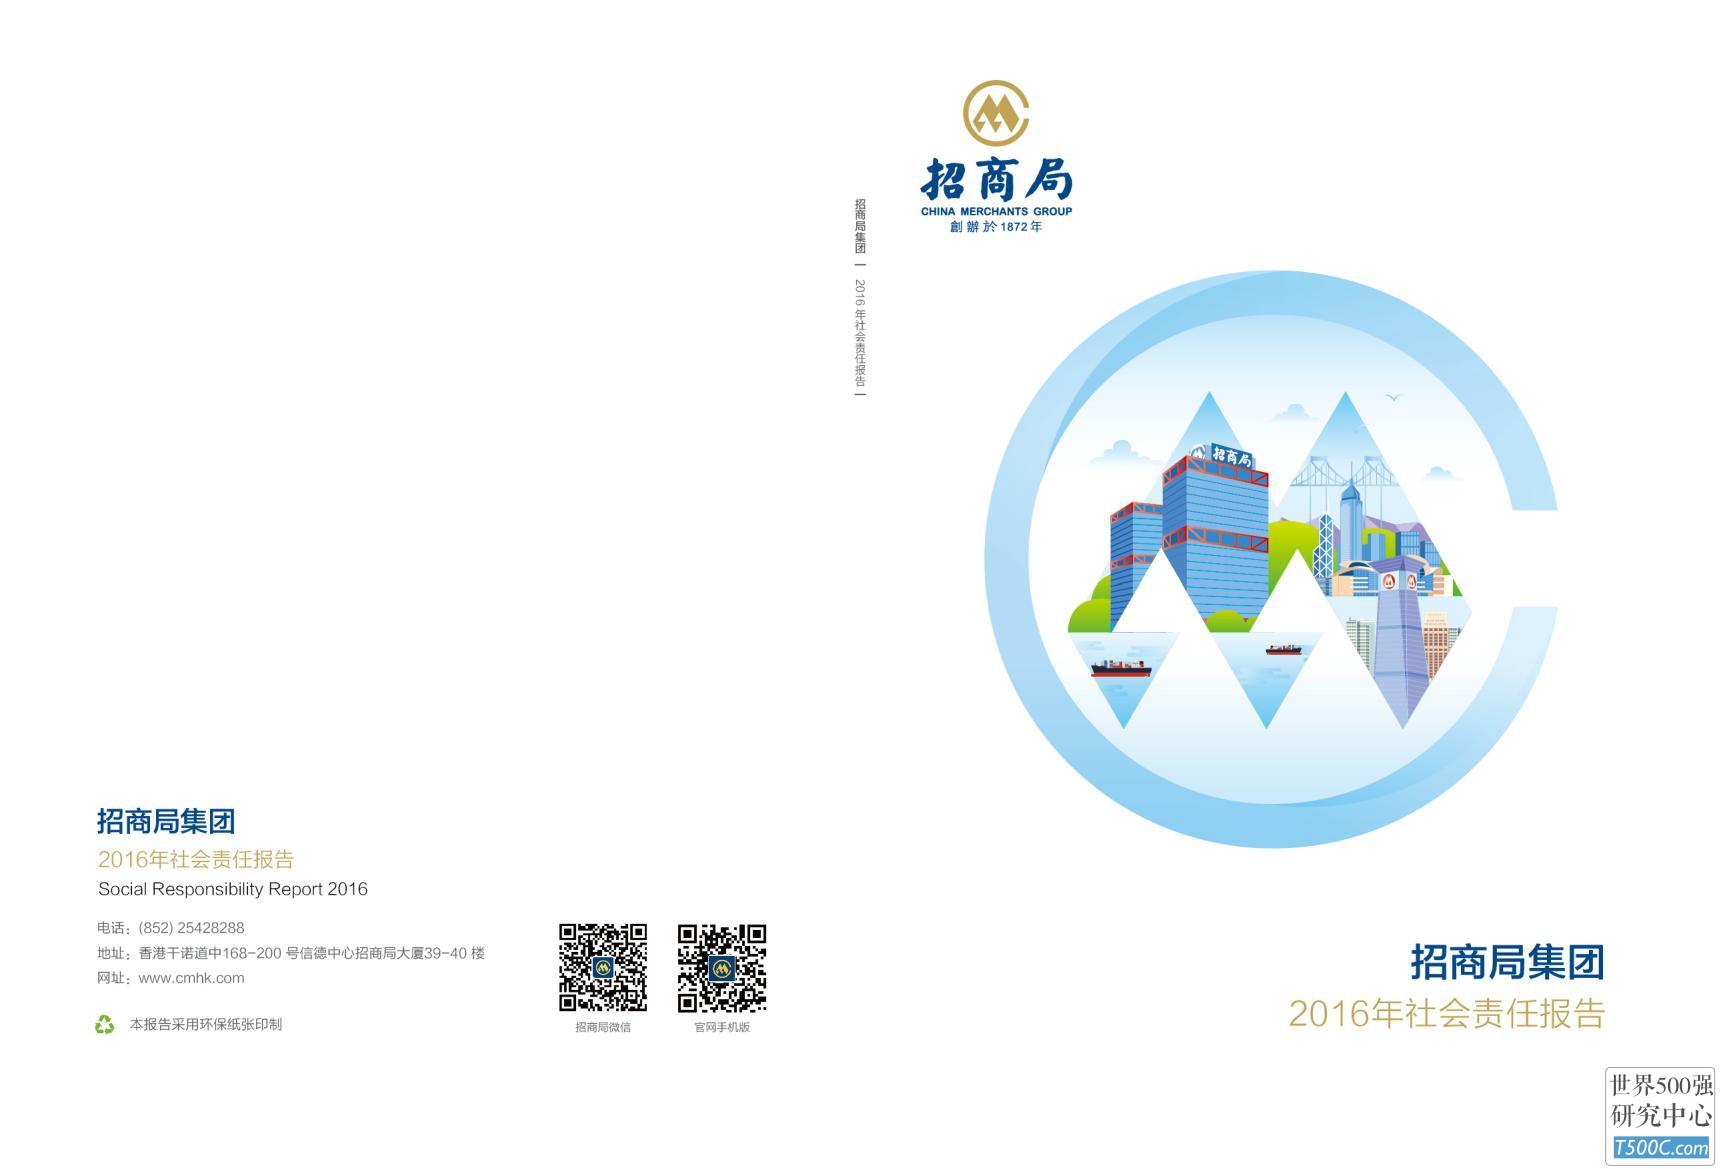 招商局集团有限公司2016年社会责任报告